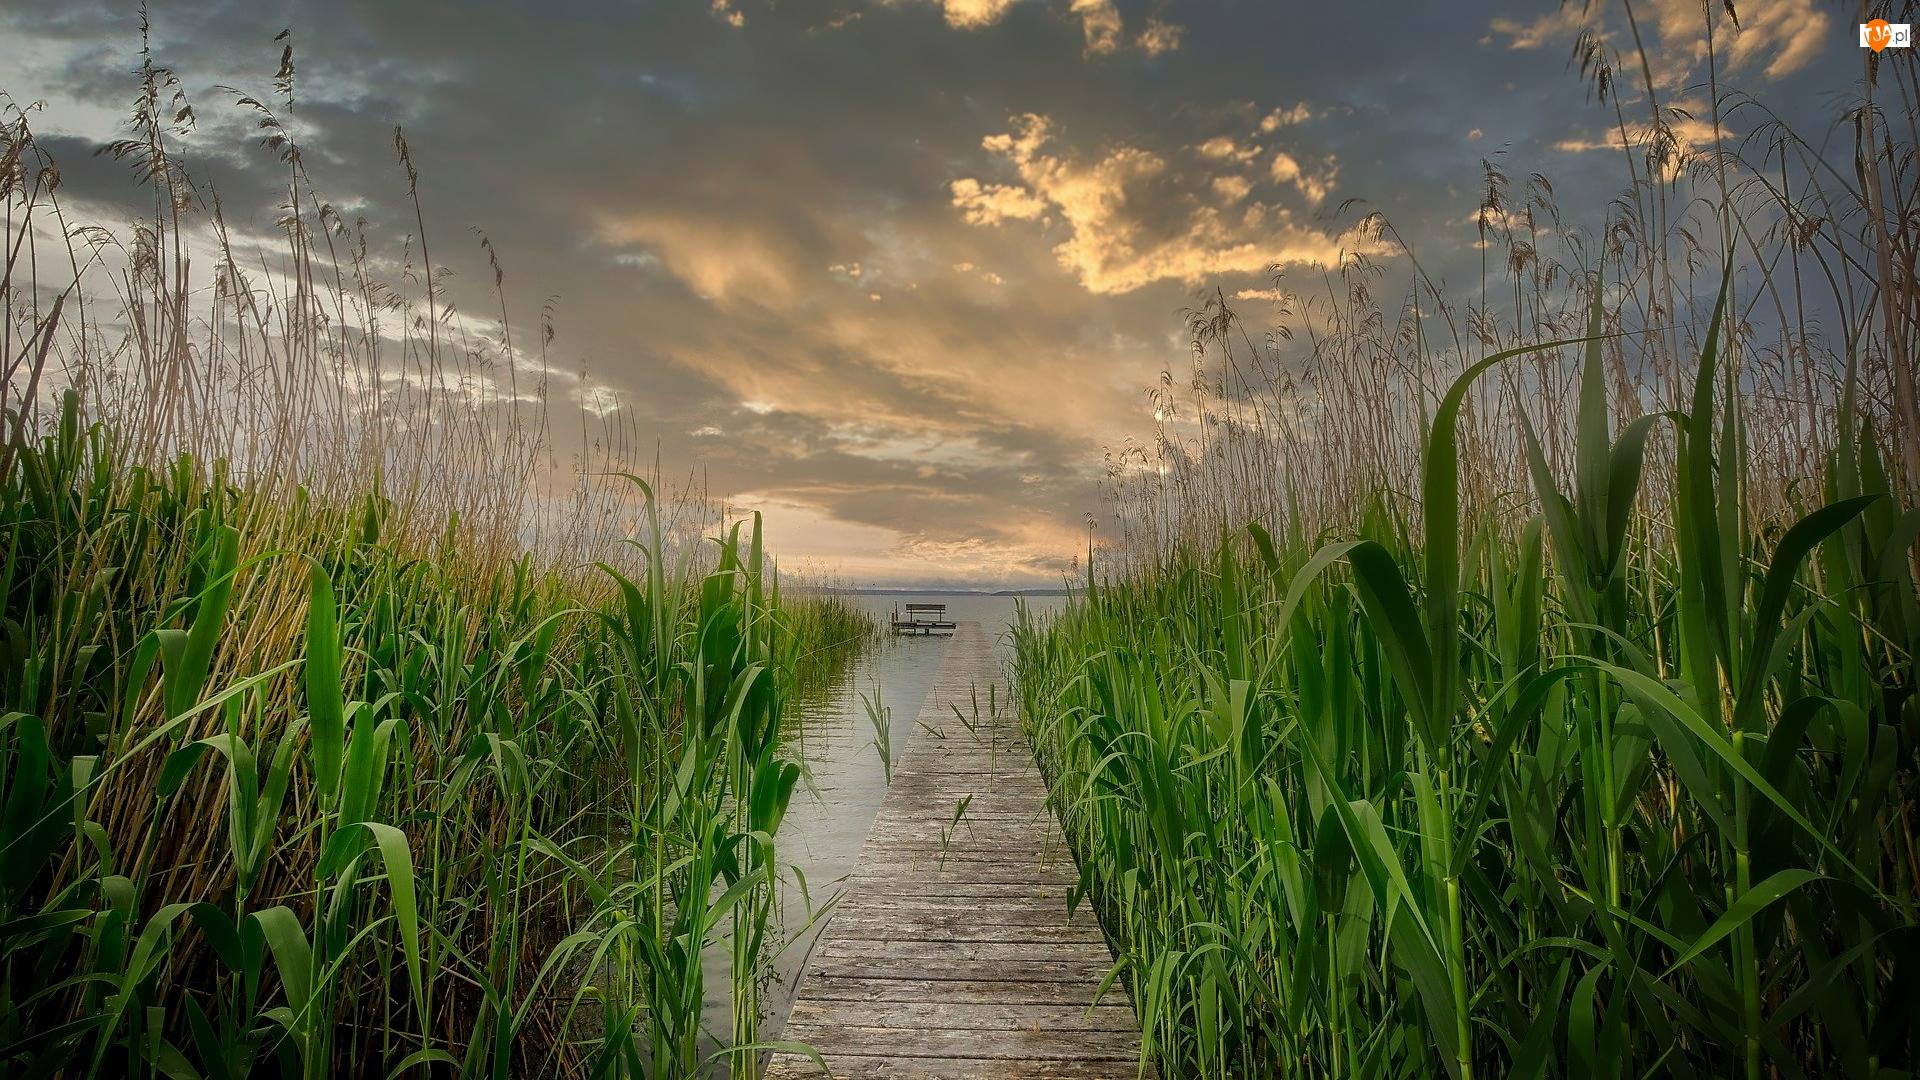 Wschód słońca, Trzcina, Pomost, Jezioro, Chmury